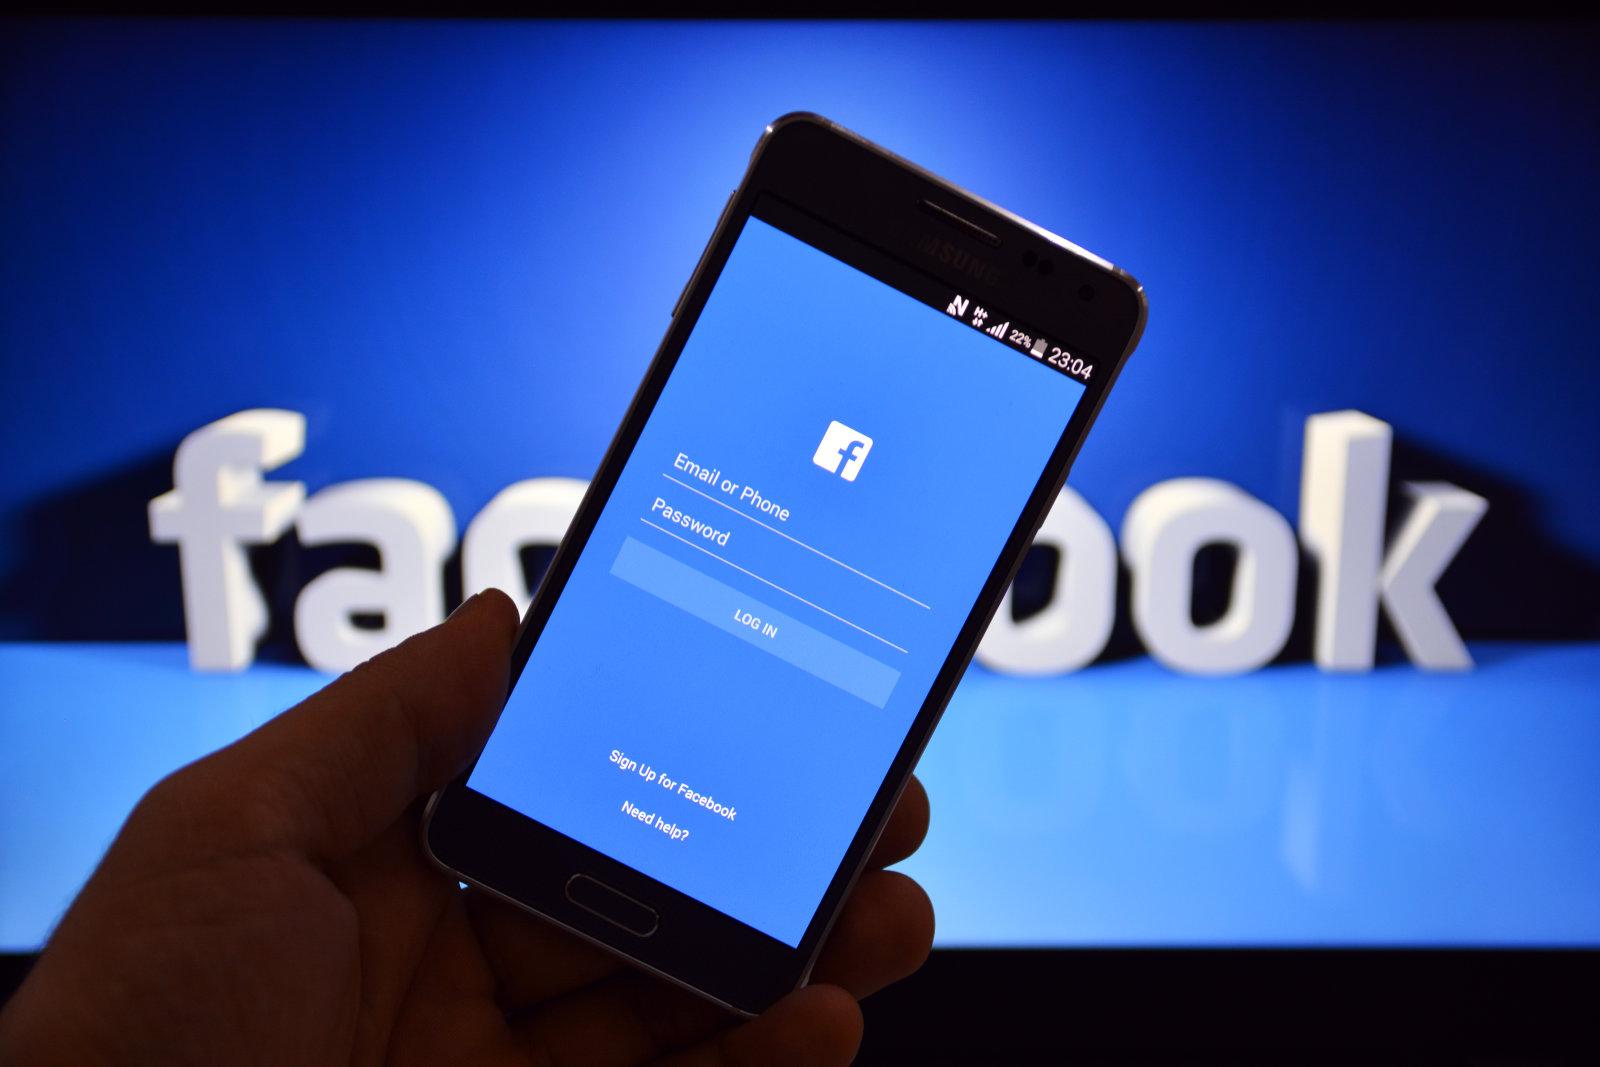 الاعلام الرقمي: ١٩ مليون مستخدم لمواقع التواصل الاجتماعي في العراق